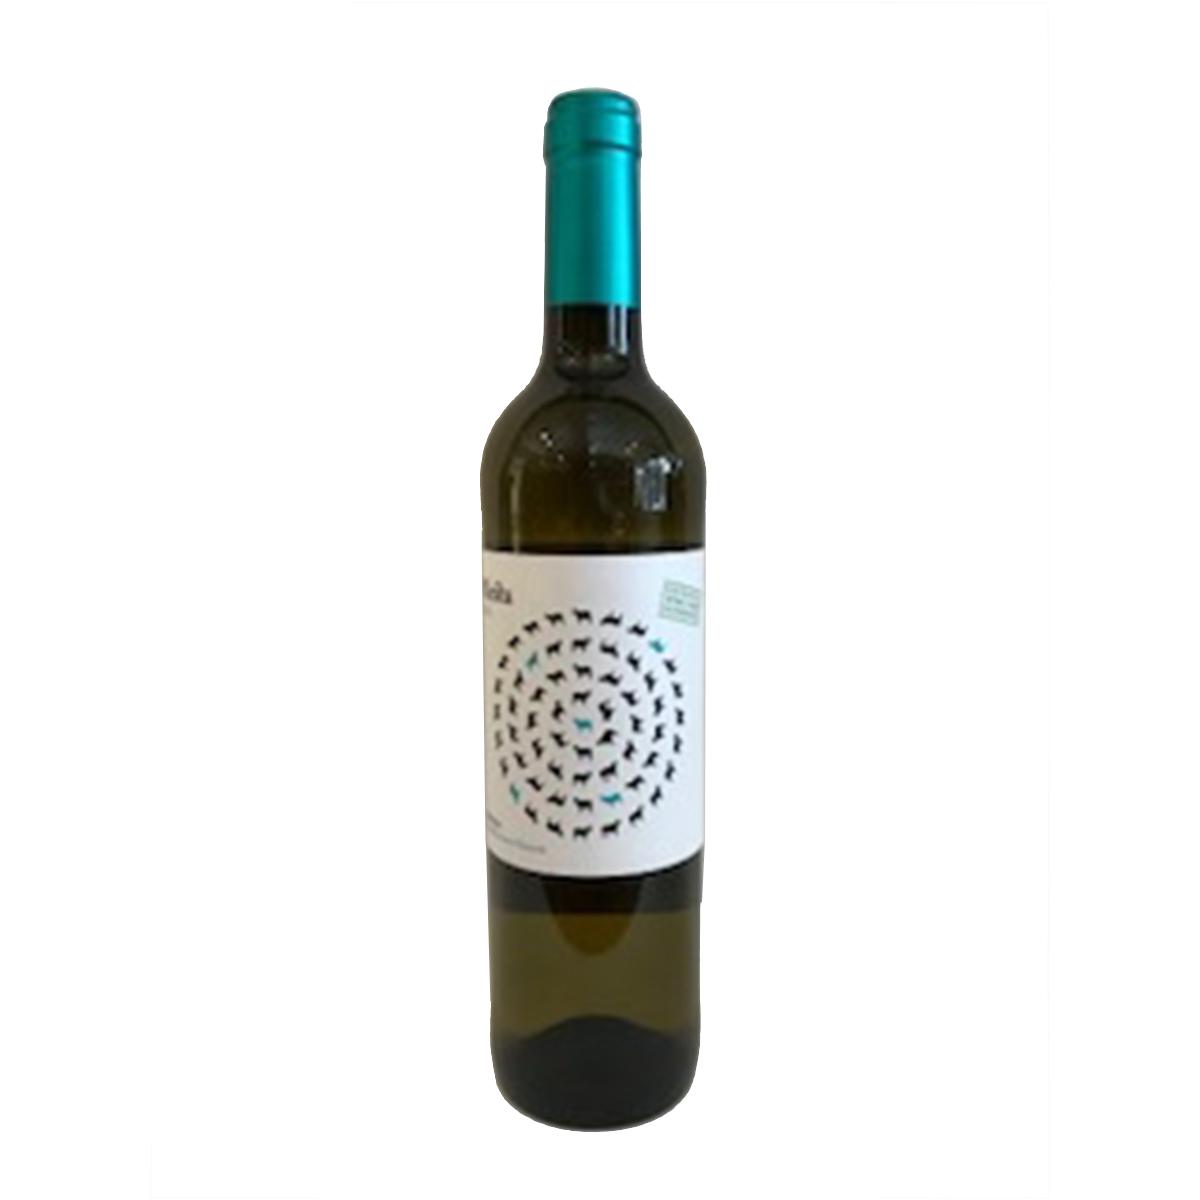 Vino blanco - Mesta verdejo (2019)